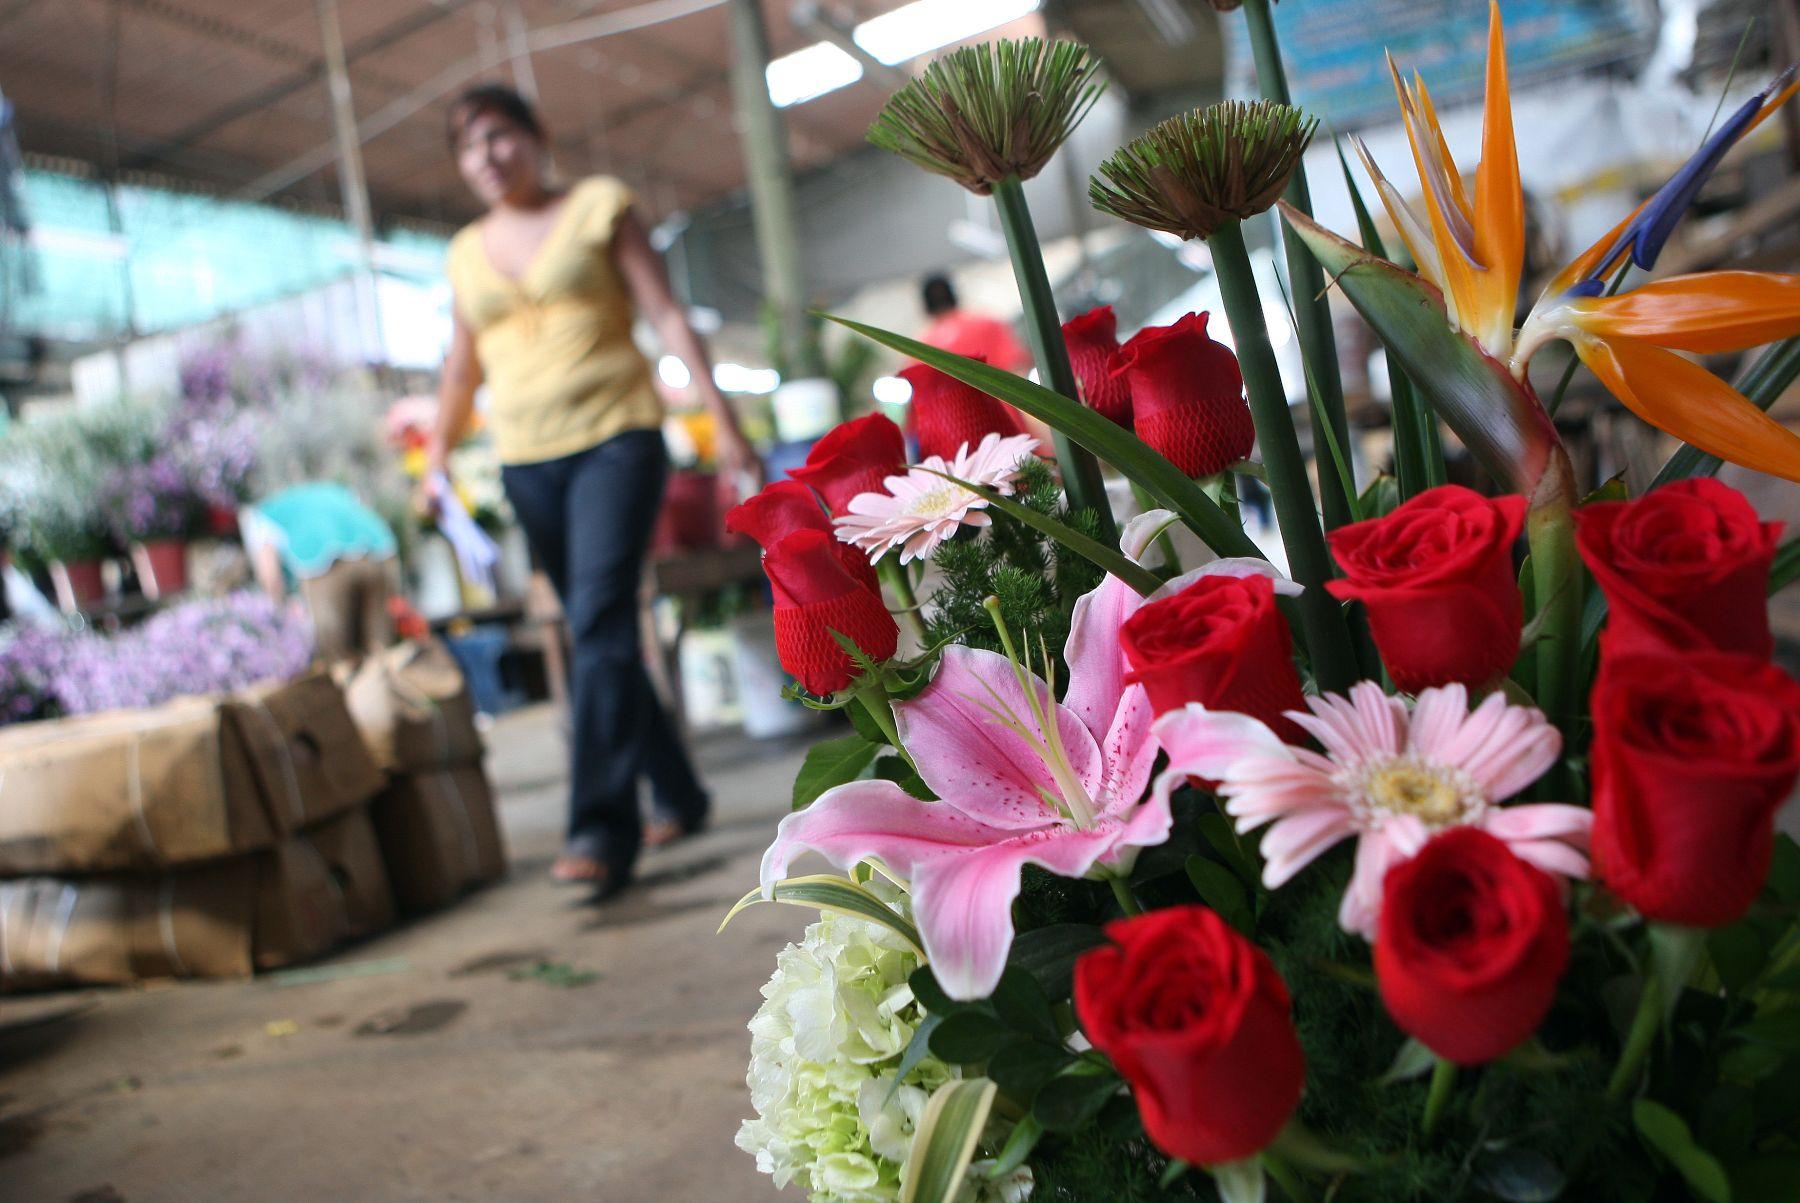 Más De Cien Mil Rosas Y Tulipanes Se Venderán En Lima Por